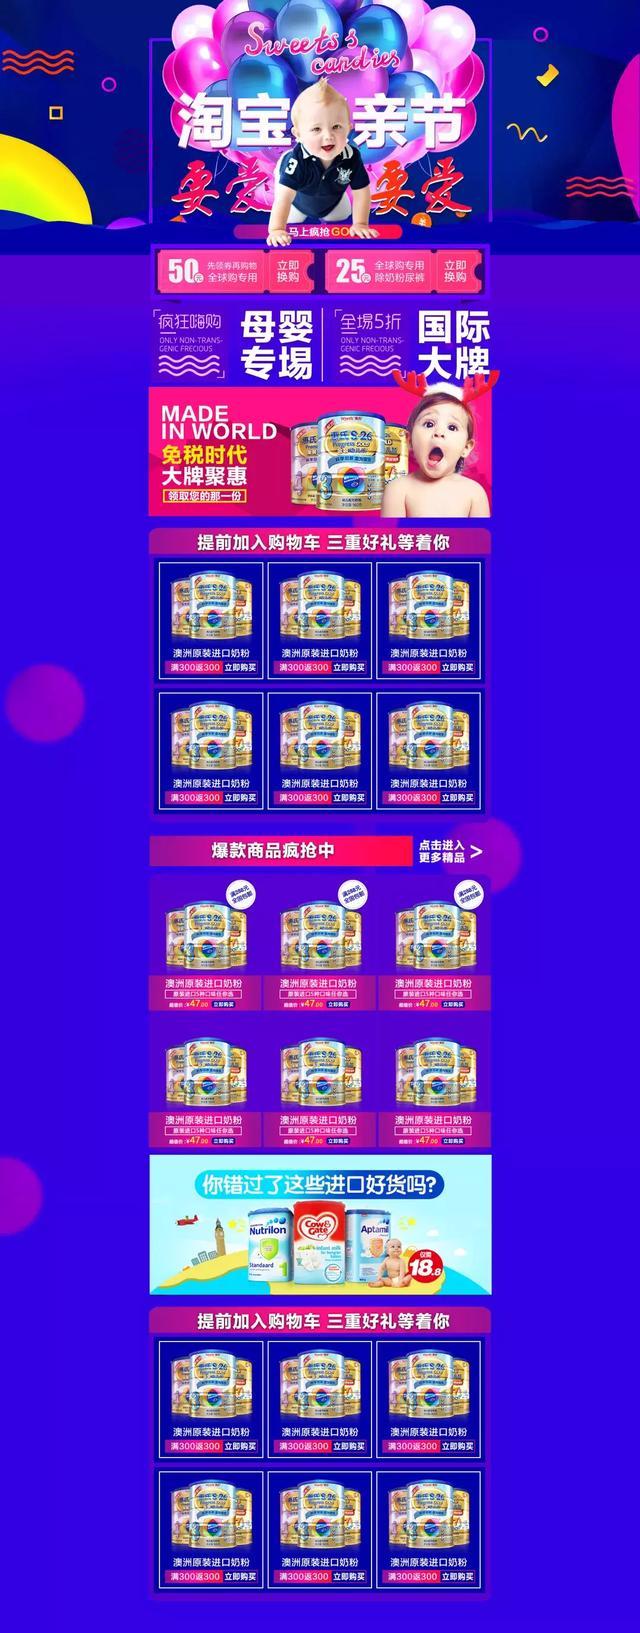 6000+淘宝电商PSD源模板免费送,PS一键替换